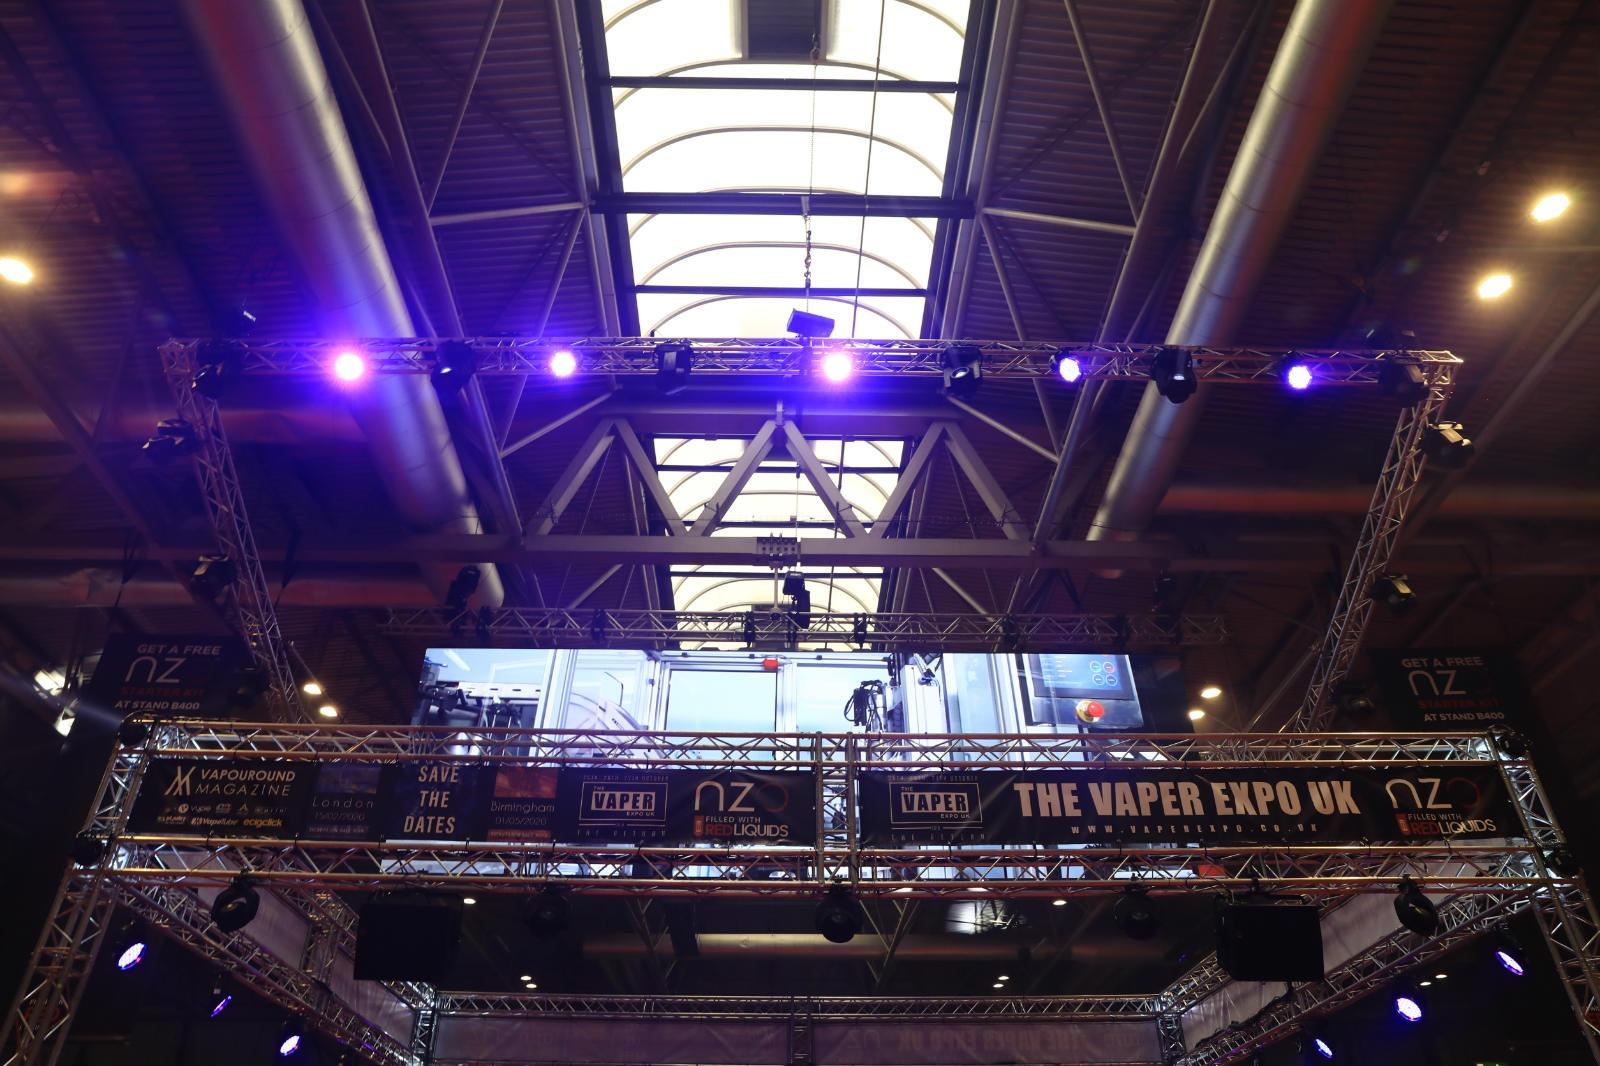 Myst Labs vape expo uk